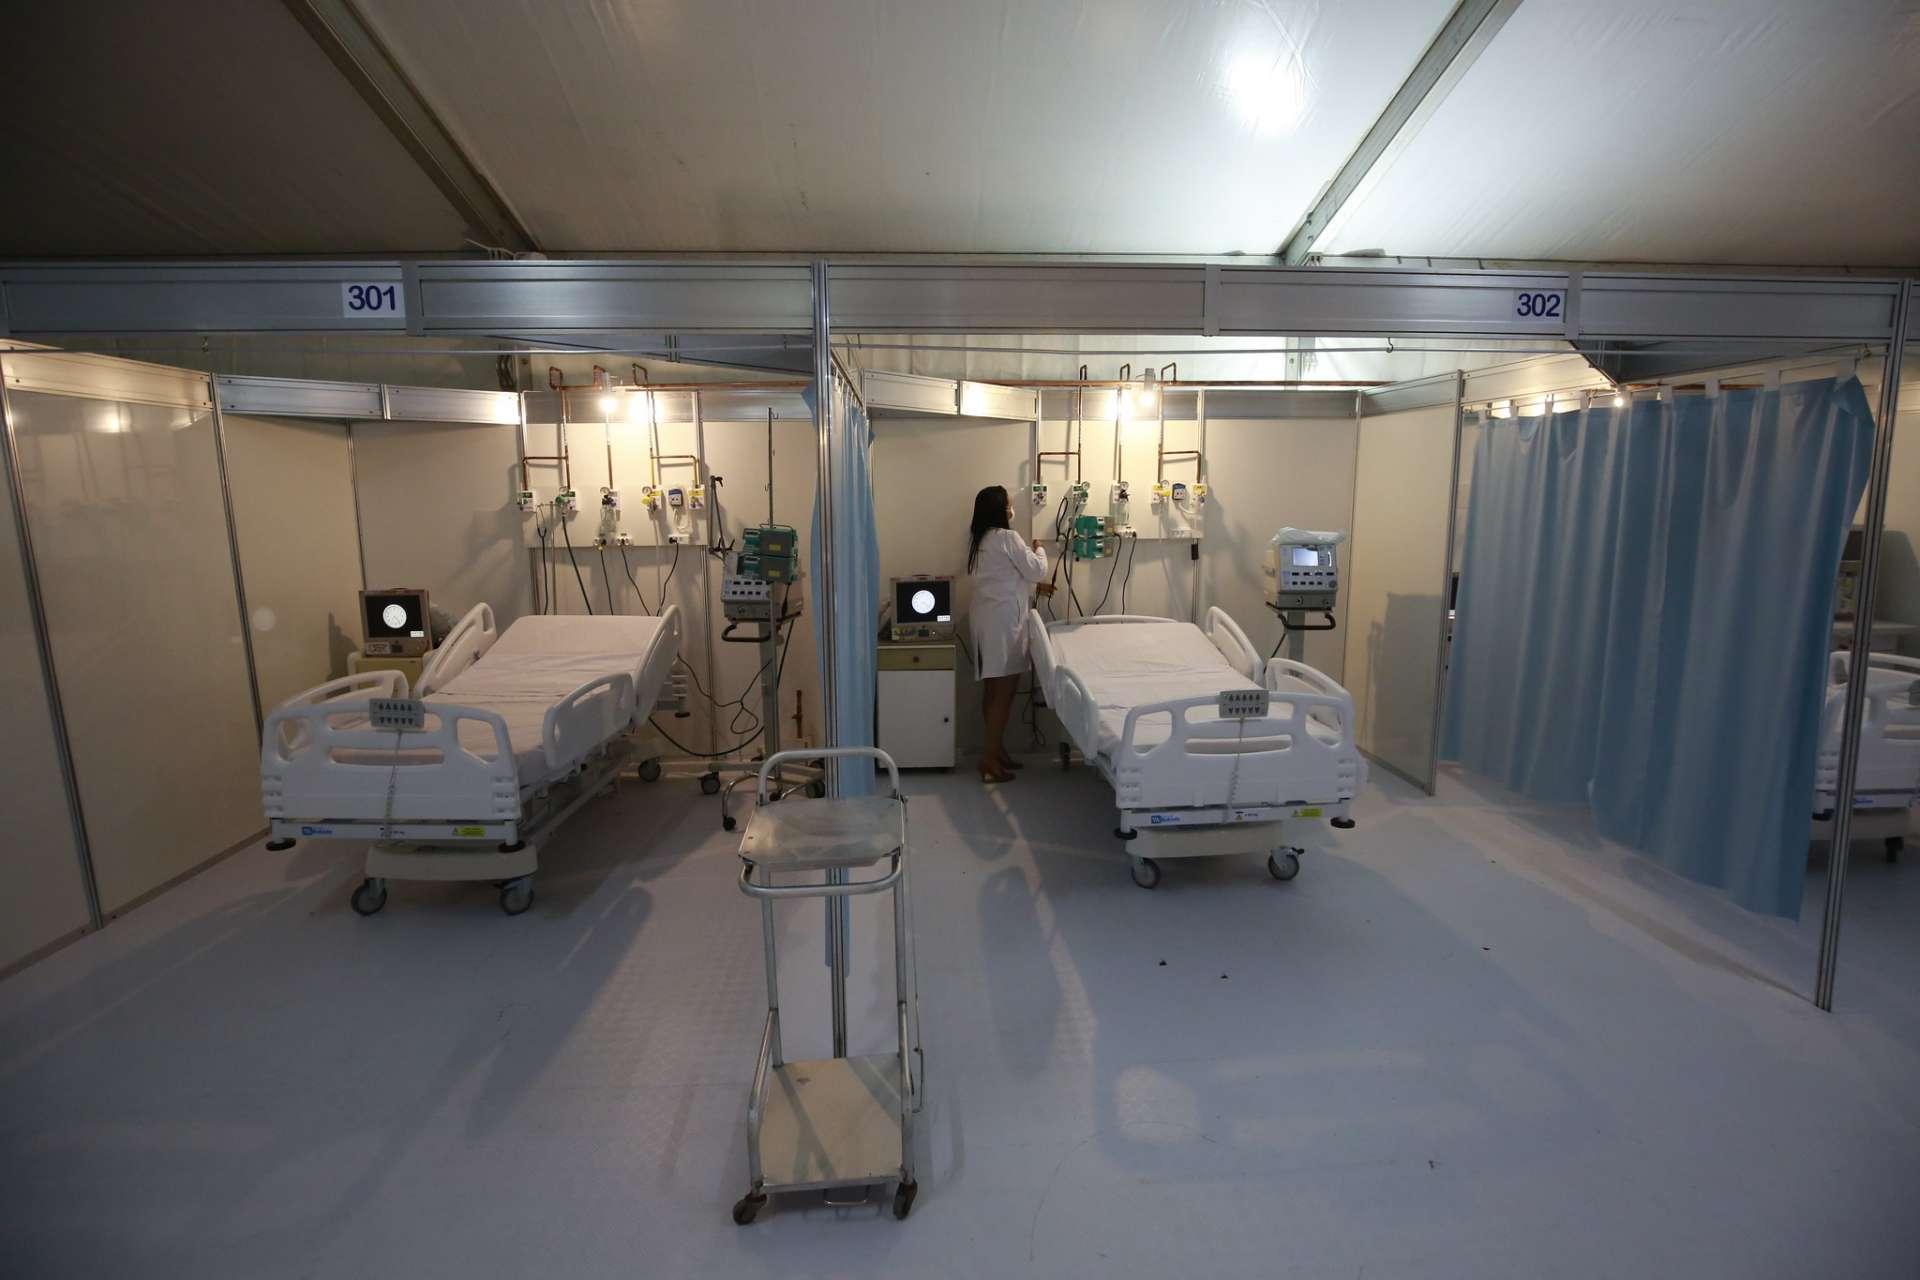 Leitos do hospital de campanha da Prefeitura, no Riocentro. Foto: Marcos de Paula / Prefeitura do Rio